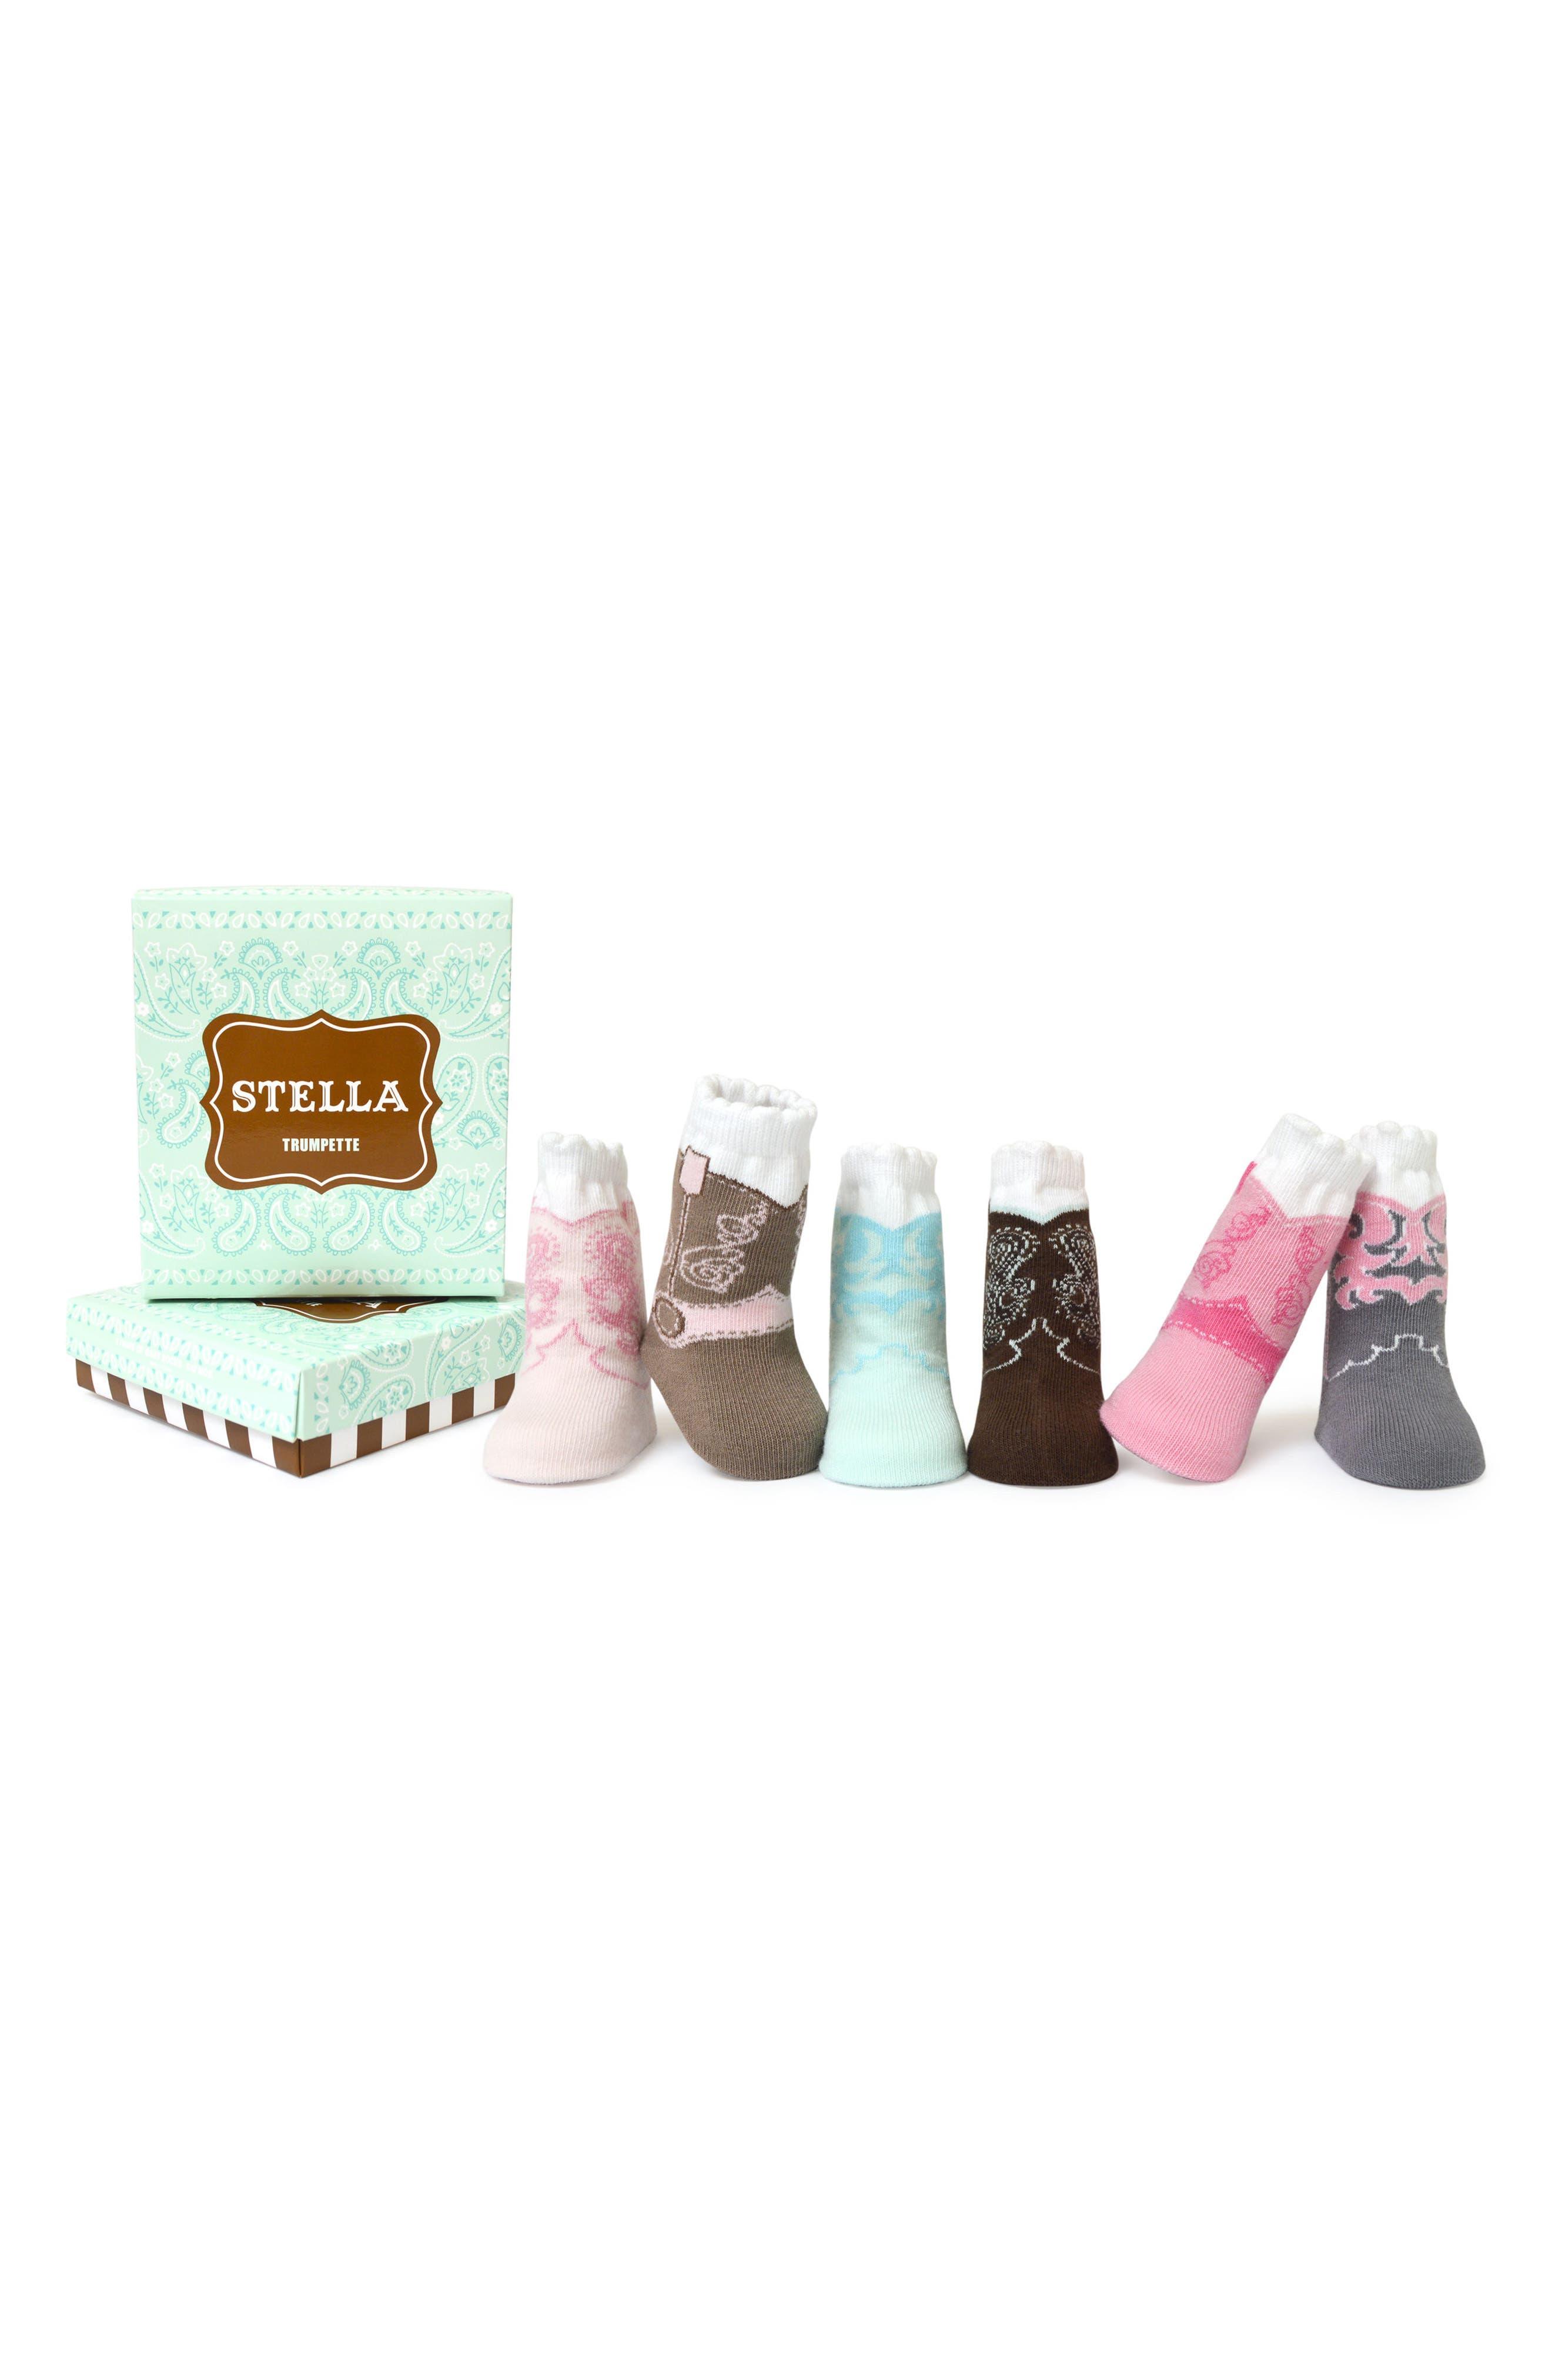 Stella 6-Pack Socks,                         Main,                         color, 650